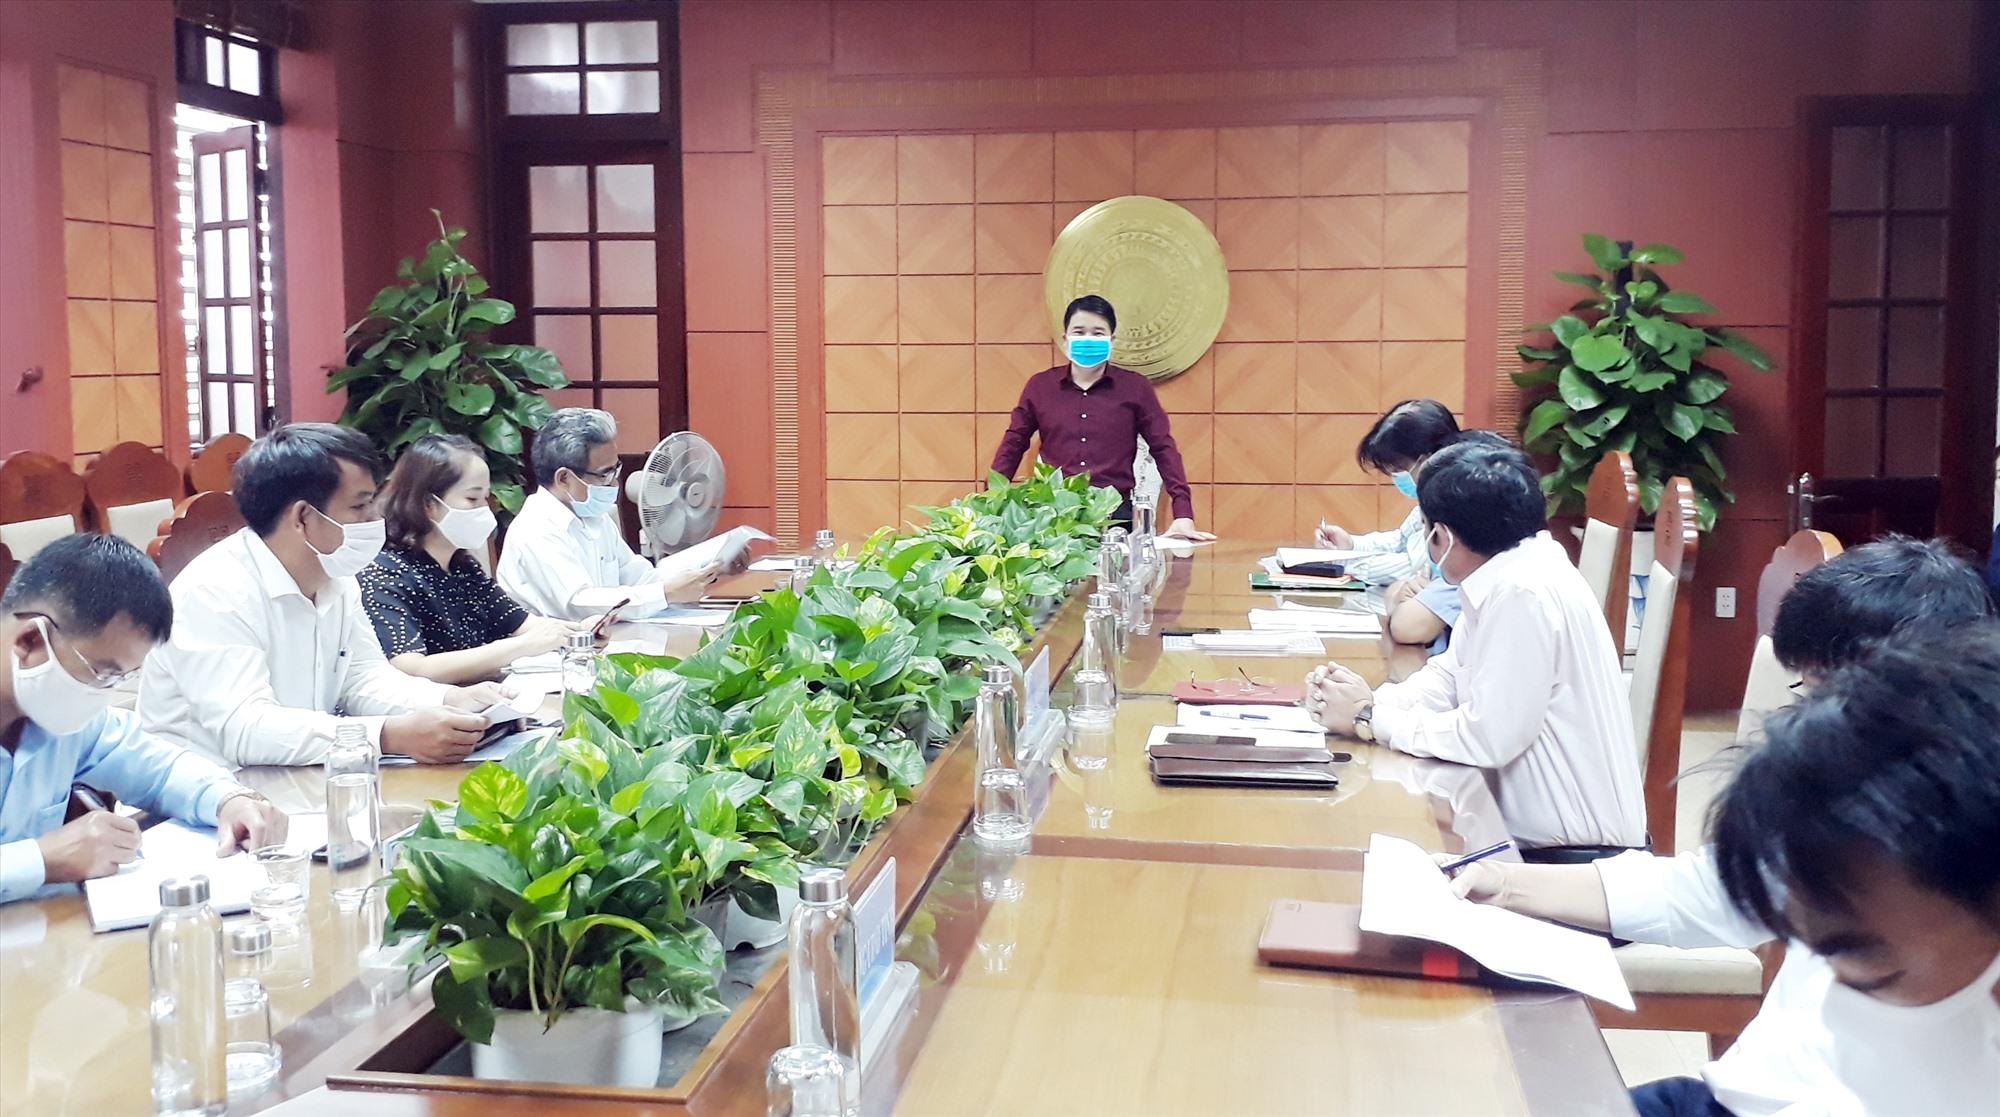 Phó Chủ tịch UBND tỉnh Trần Văn Tân yêu cầu tất cả trường học phải an toàn vệ sinh phòng dịch. Ảnh: X.P